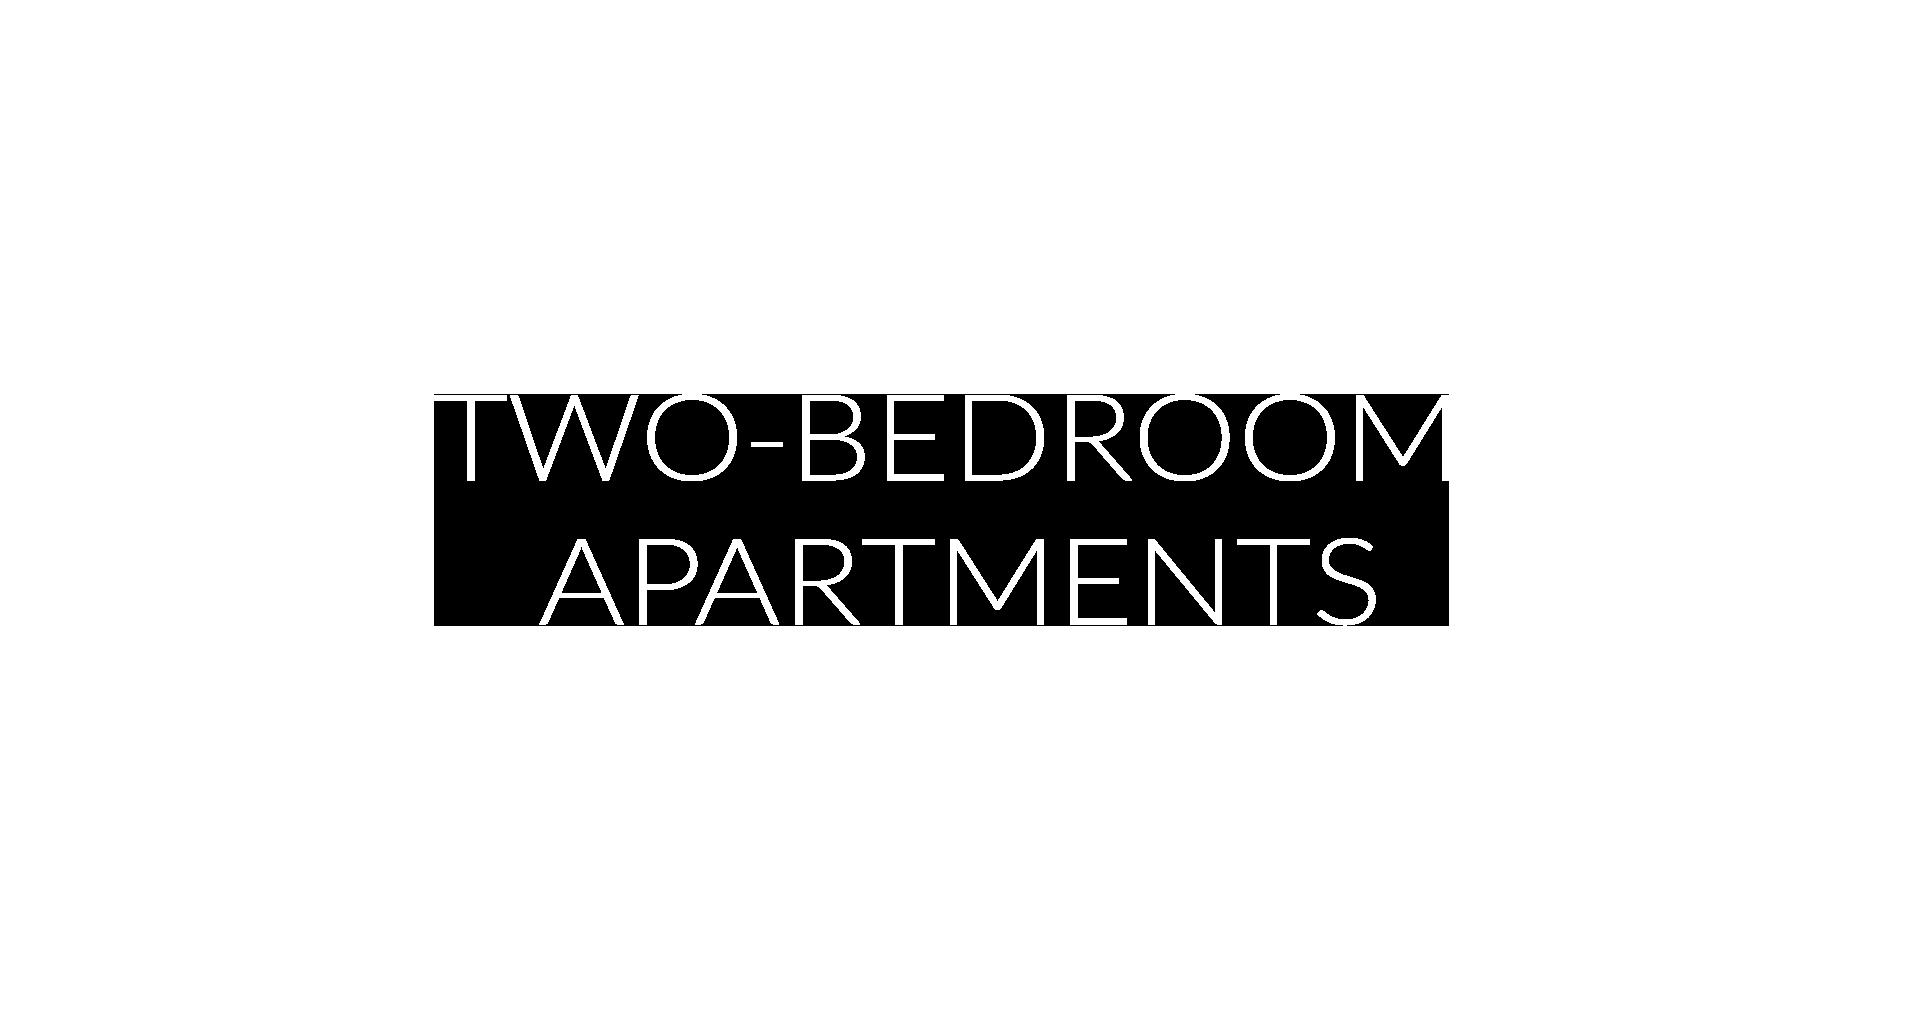 twobedroom